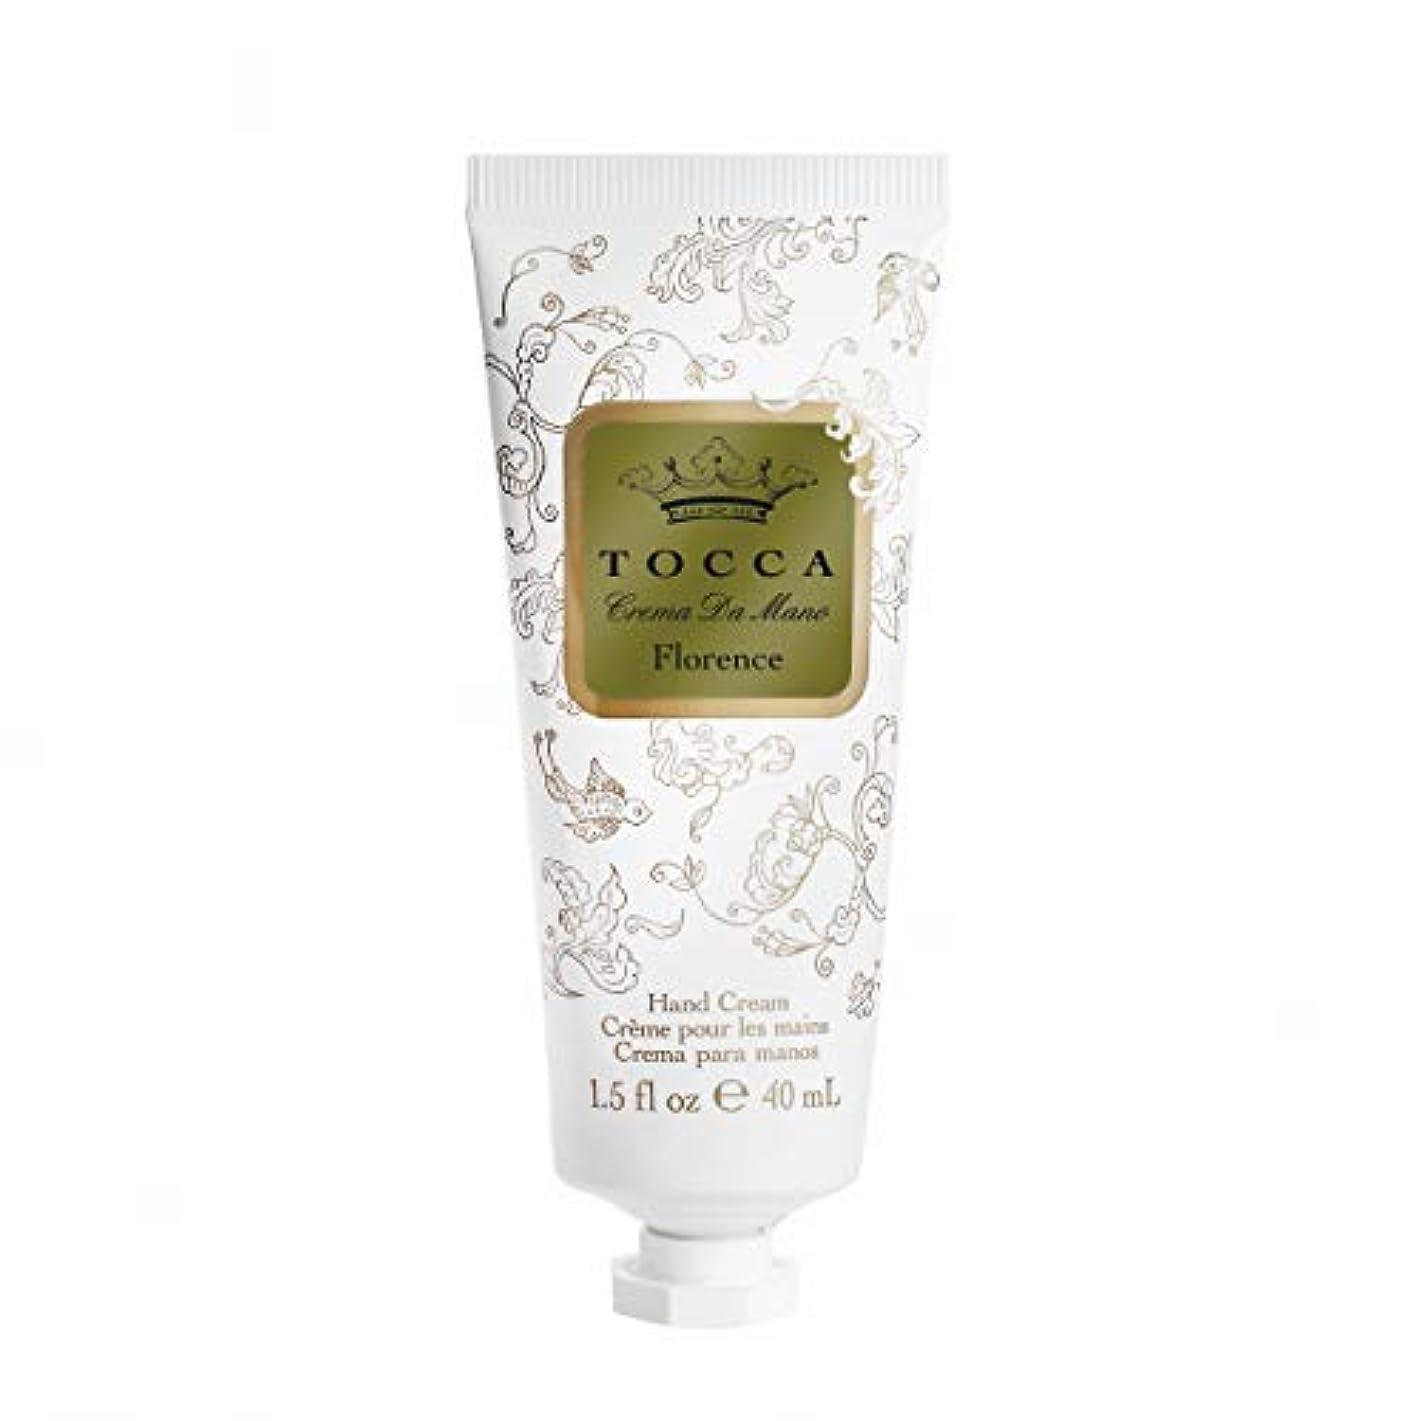 豊富な加害者ランチョントッカ(TOCCA) ハンドクリーム フローレンスの香り 40mL (ガーデニアとベルガモットが誘うように溶け合うどこまでも上品なフローラルの香り)